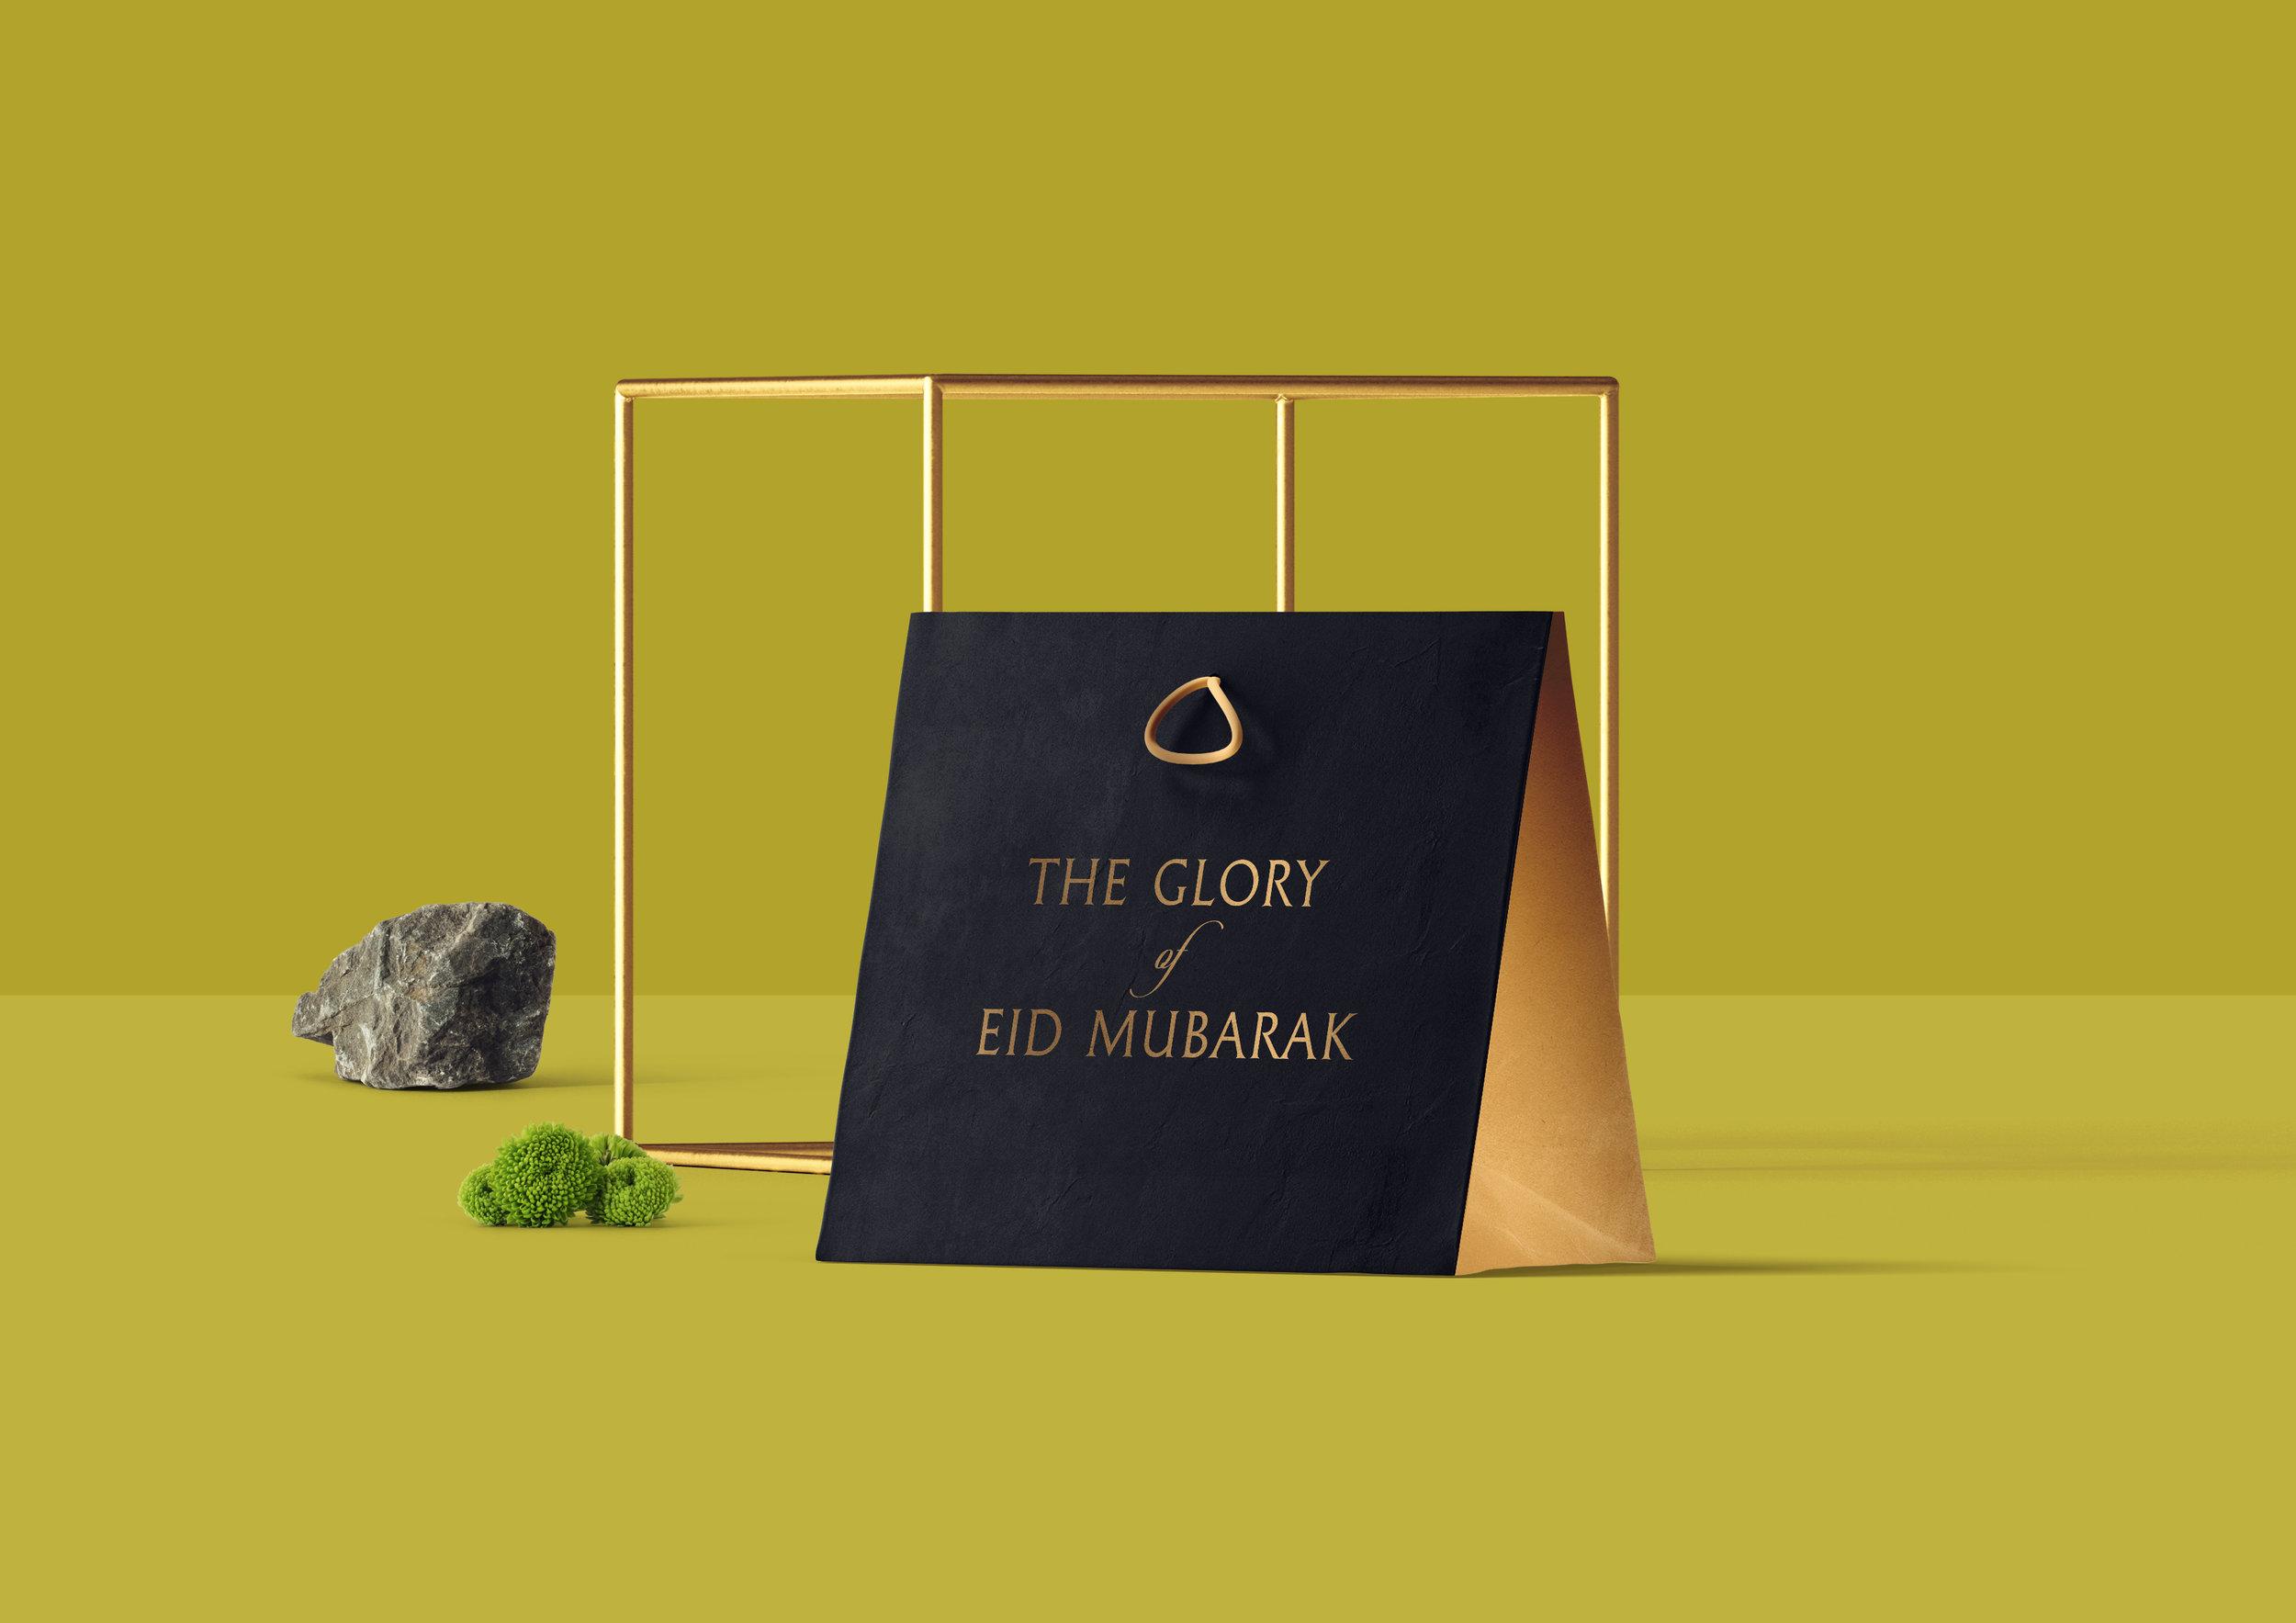 Nero Atelier - The Glory of Eid Mubarak9.jpg